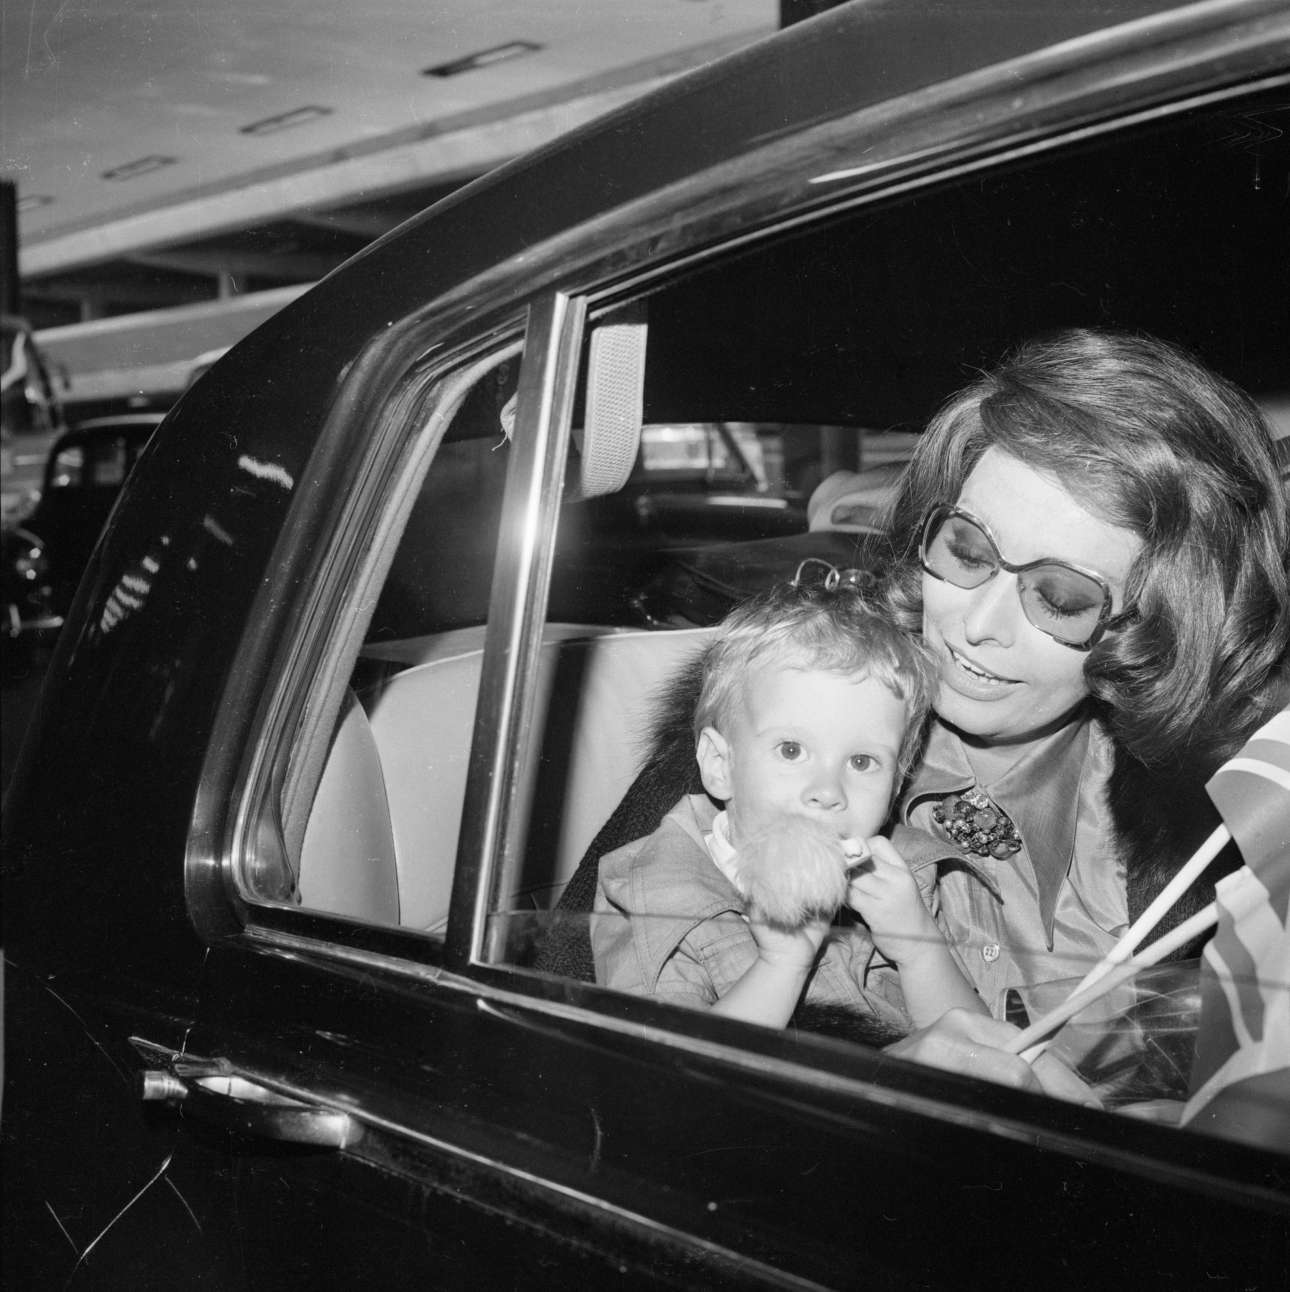 Ιούνιος 1974, Λονδίνο. Η Λόρεν με τον μικρότερο γιο της Εντουάρντο Πόντι, καρπό του γάμου της με τον σκηνοθέτη Κάρλο Πόντι